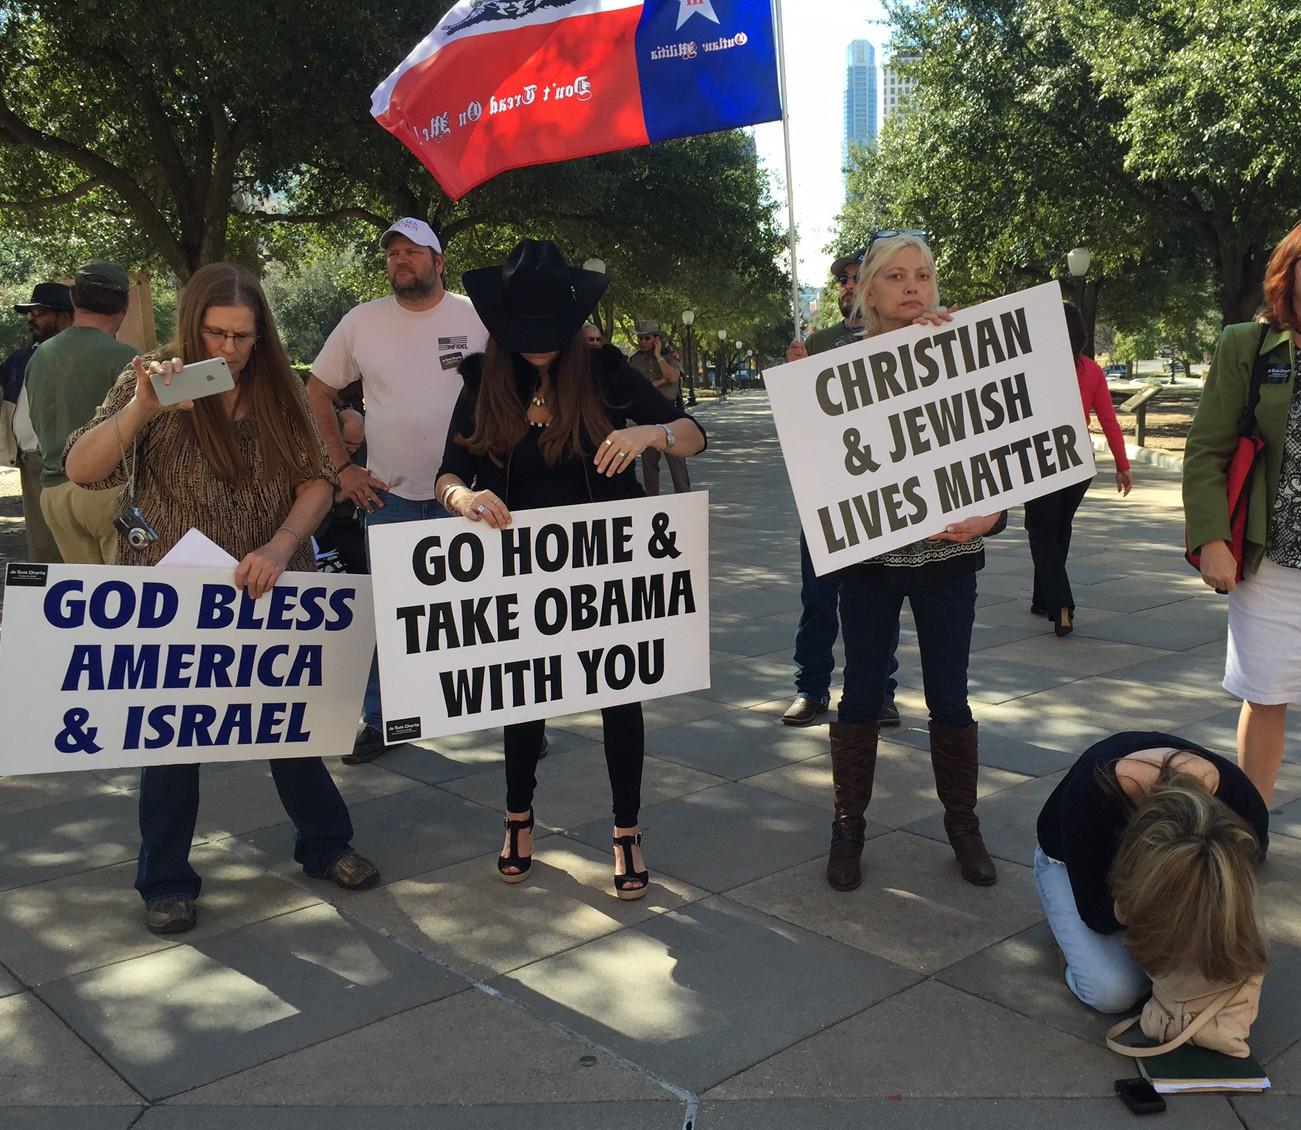 Христианские активисты мусульманам: «Уезжайте к себе и забирайте Обаму!»